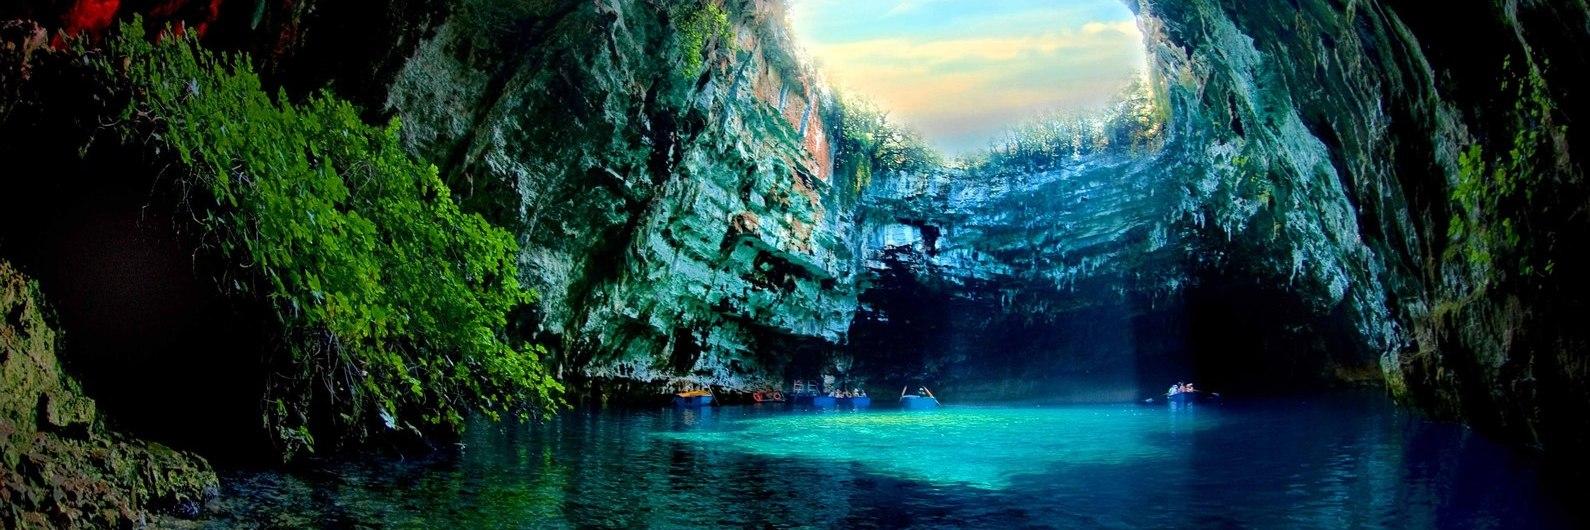 Portugal tem uma das 15 grutas mais espetaculares do mundo